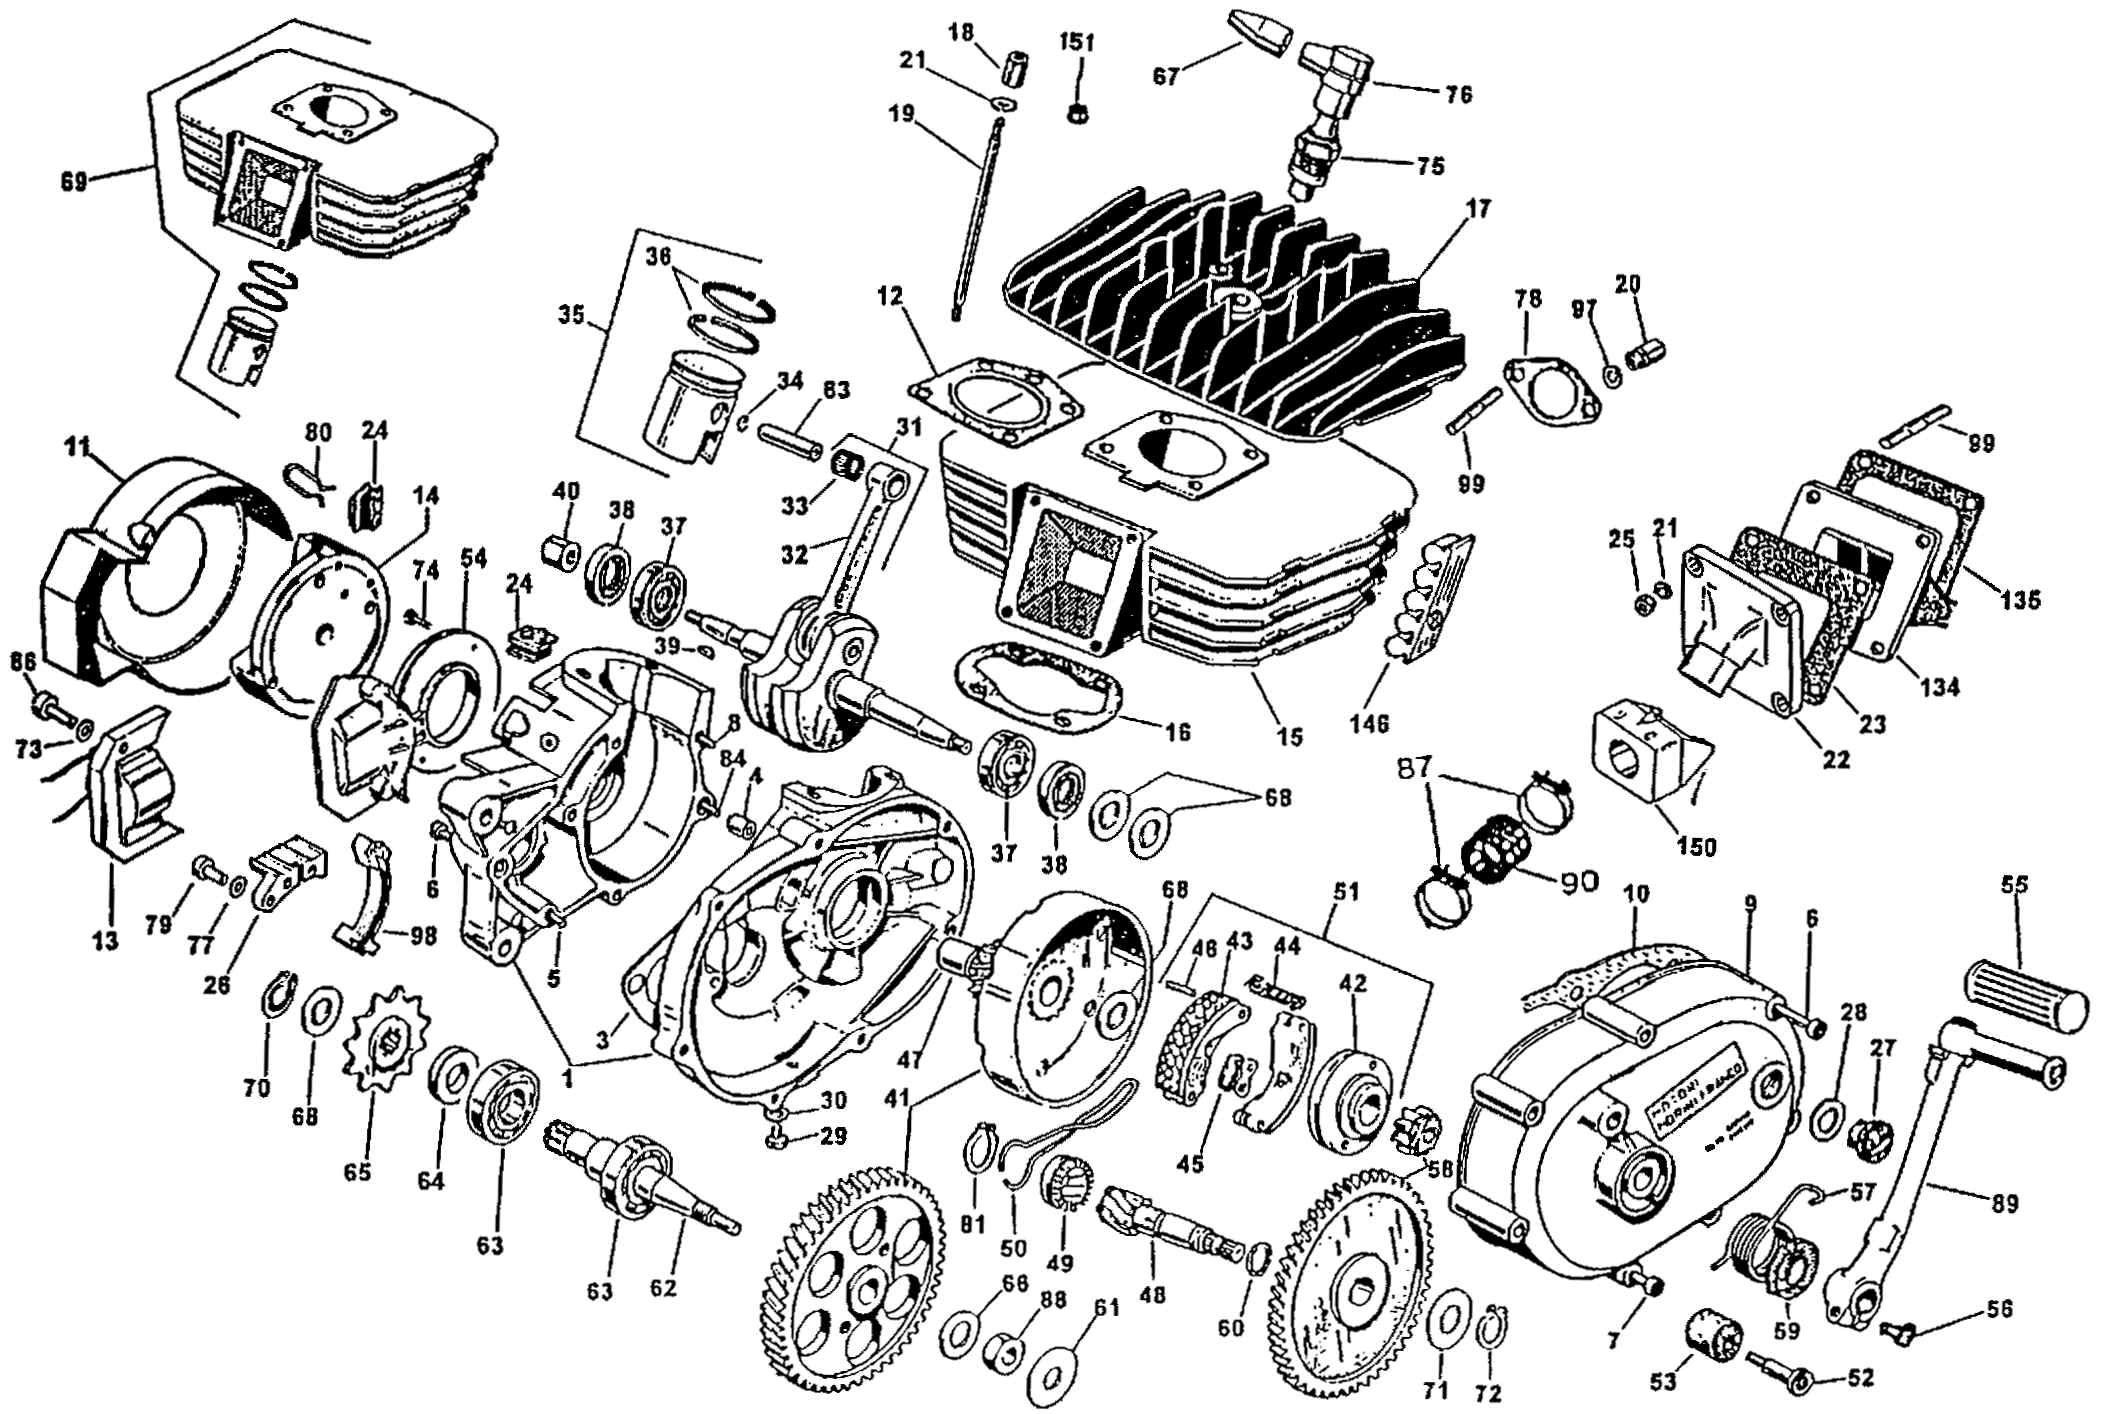 Column Parts Diagram 2002 Trailblazer Rear Suspension Diagram Chevy